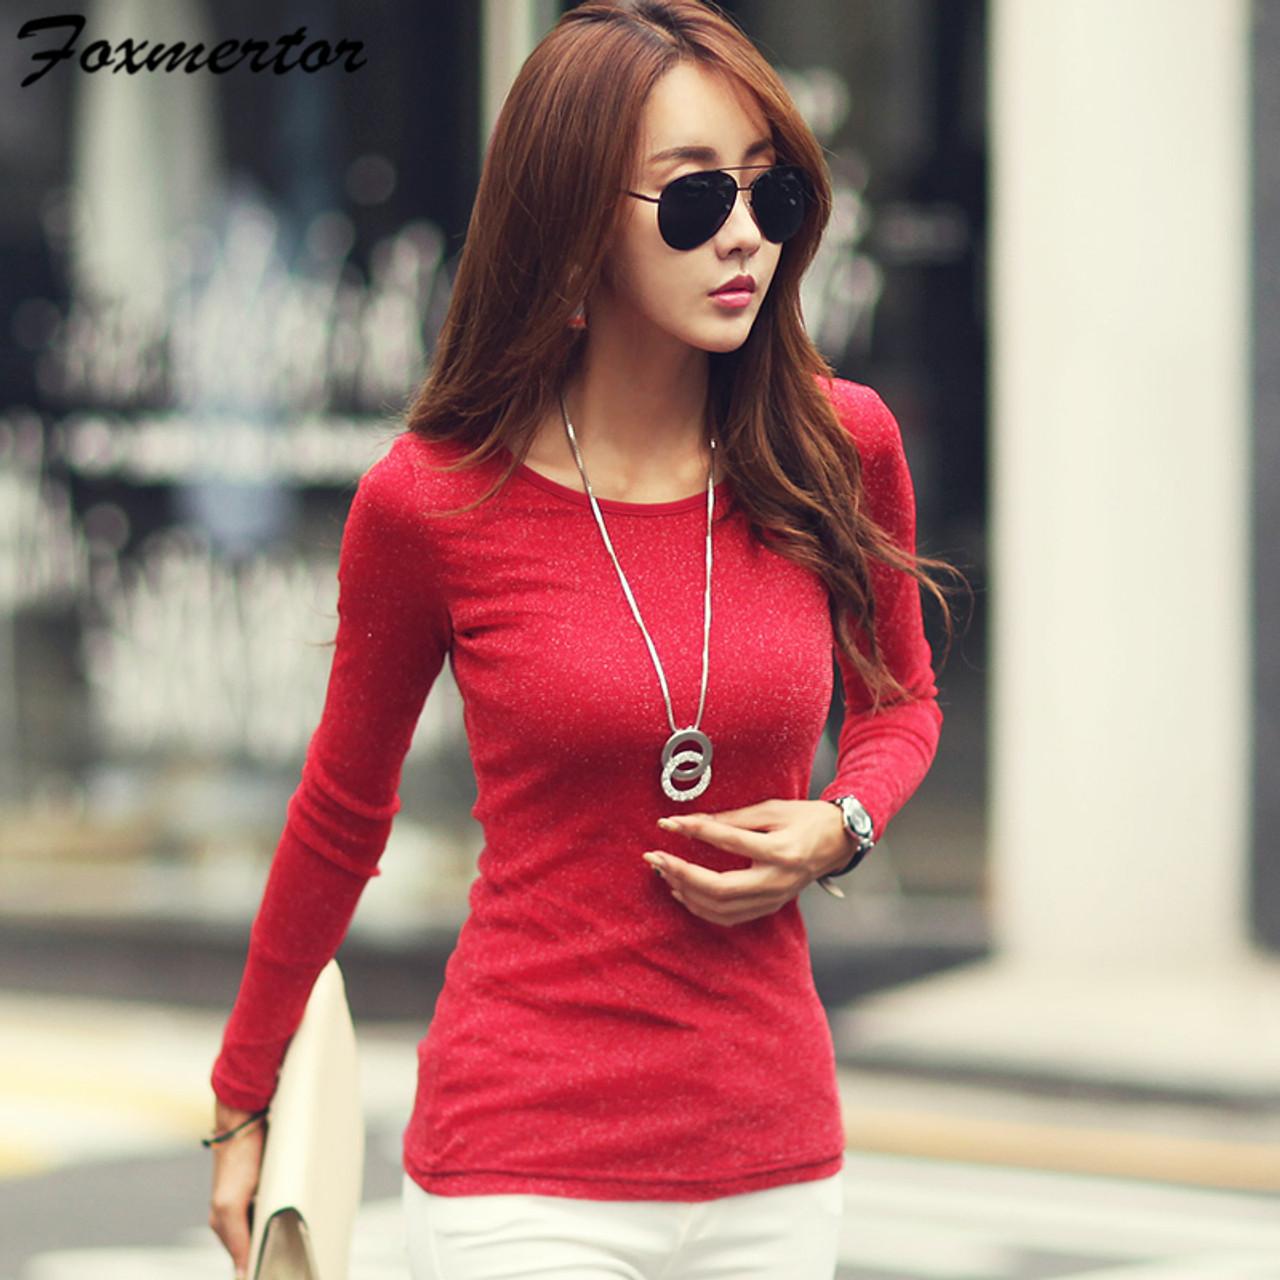 ac42561cf2d ... Women Fashion Shirts 2018 New Autumn Solid Women T-shirts Long Sleeve O- Neck ...